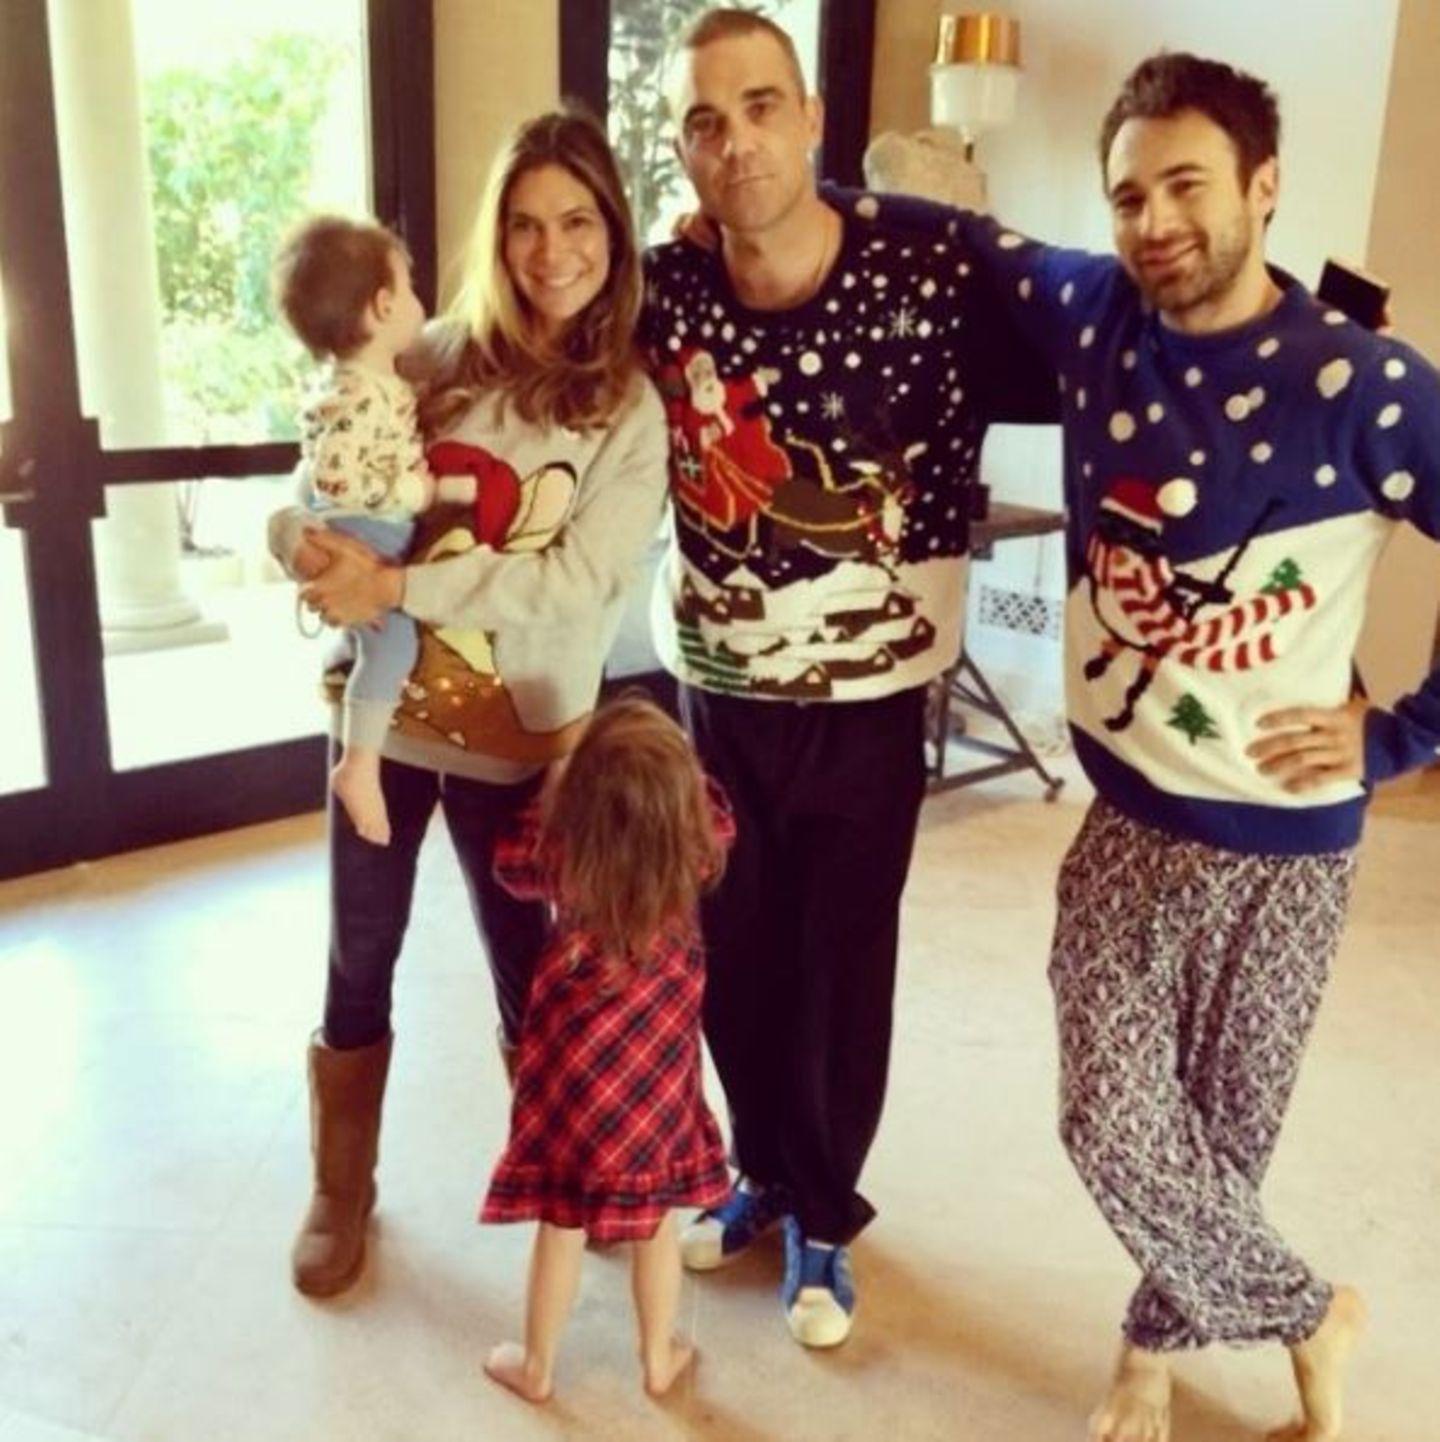 Dezember 2016   Der Weihnachtsmorgen bei den Williams: Bunte Weihnachtspullis und noch im Pyjama.